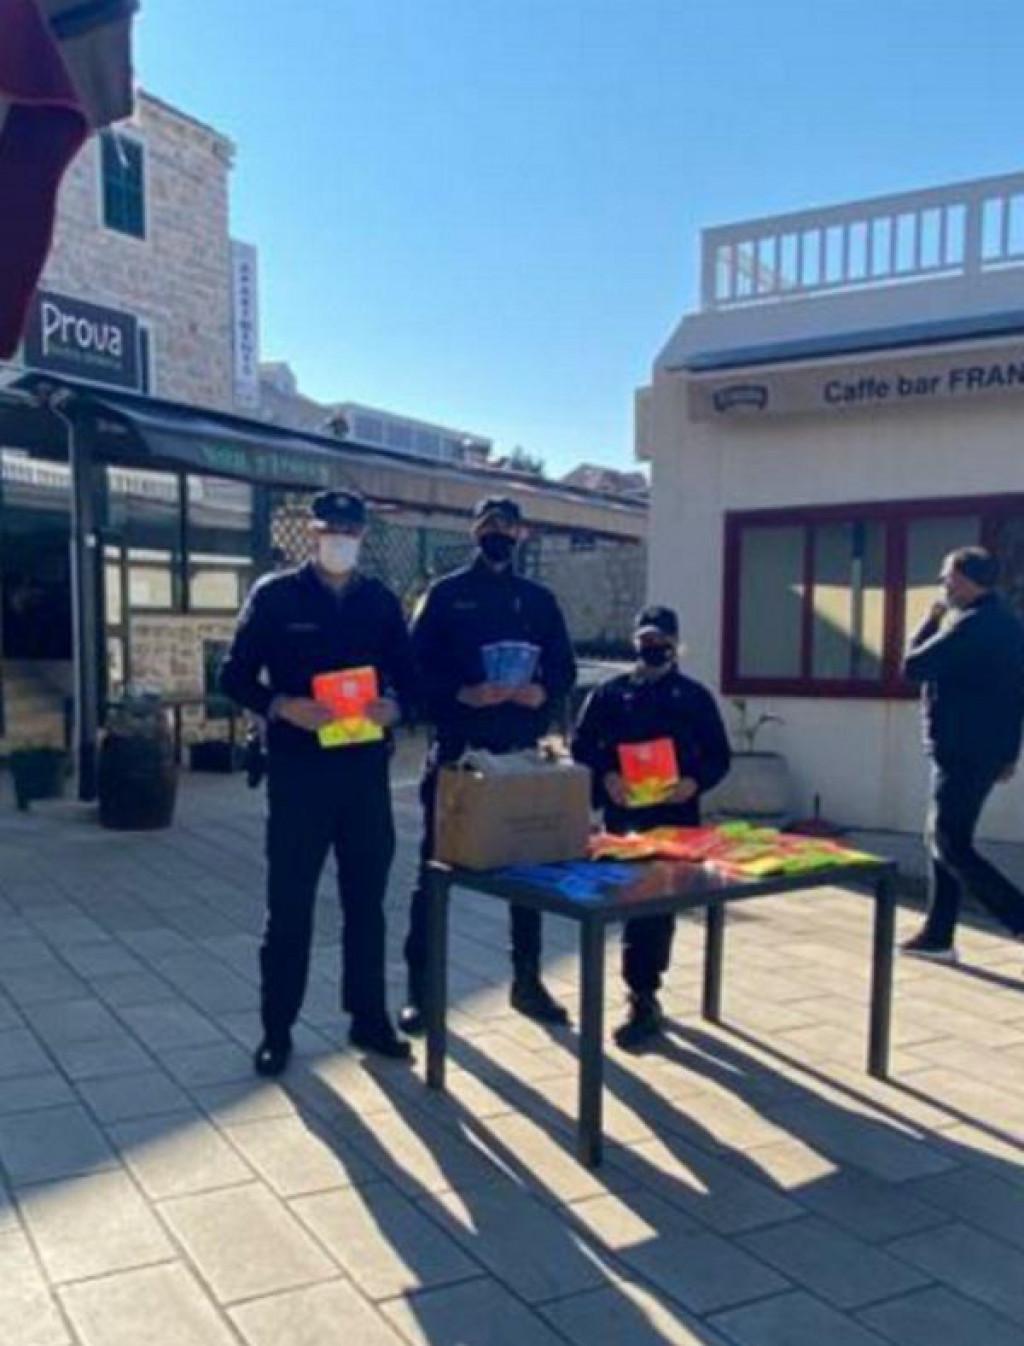 'Budi odgovoran pješak' - aktivnost dubrovačke prometne policije